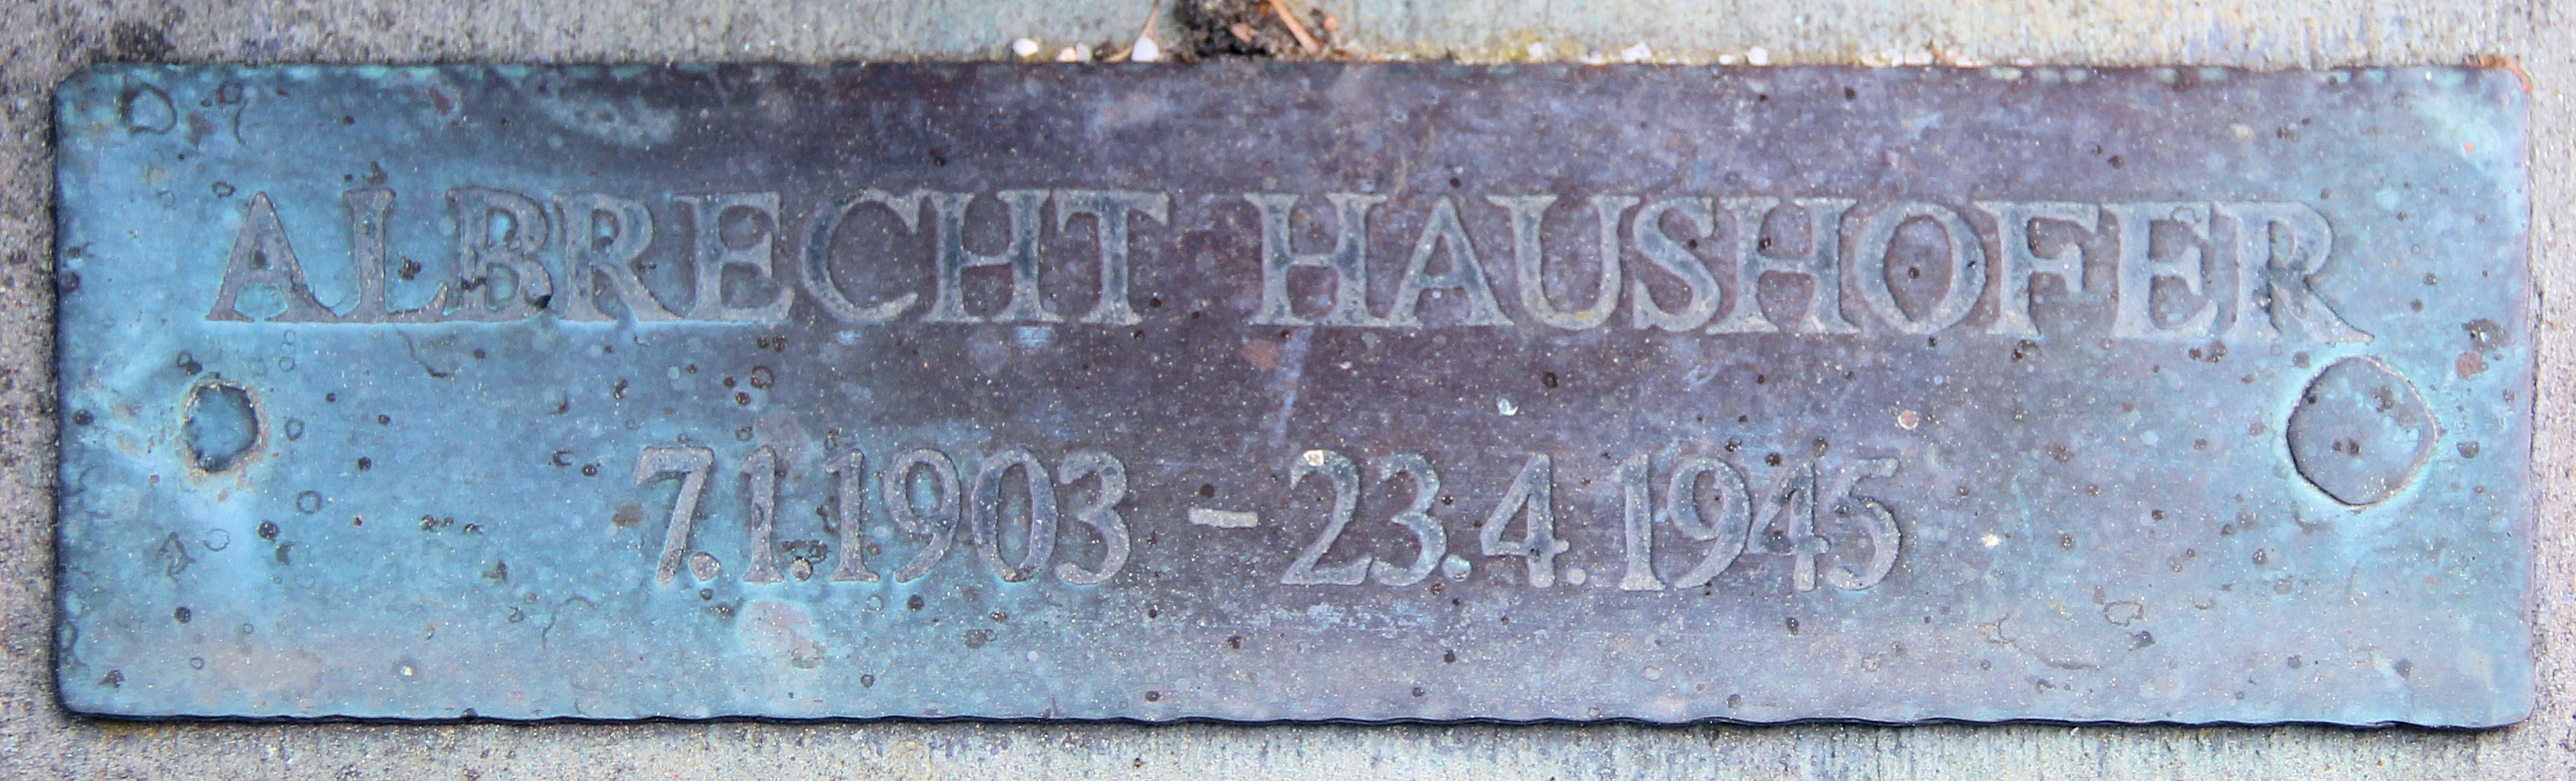 Image result for albrecht haushofer